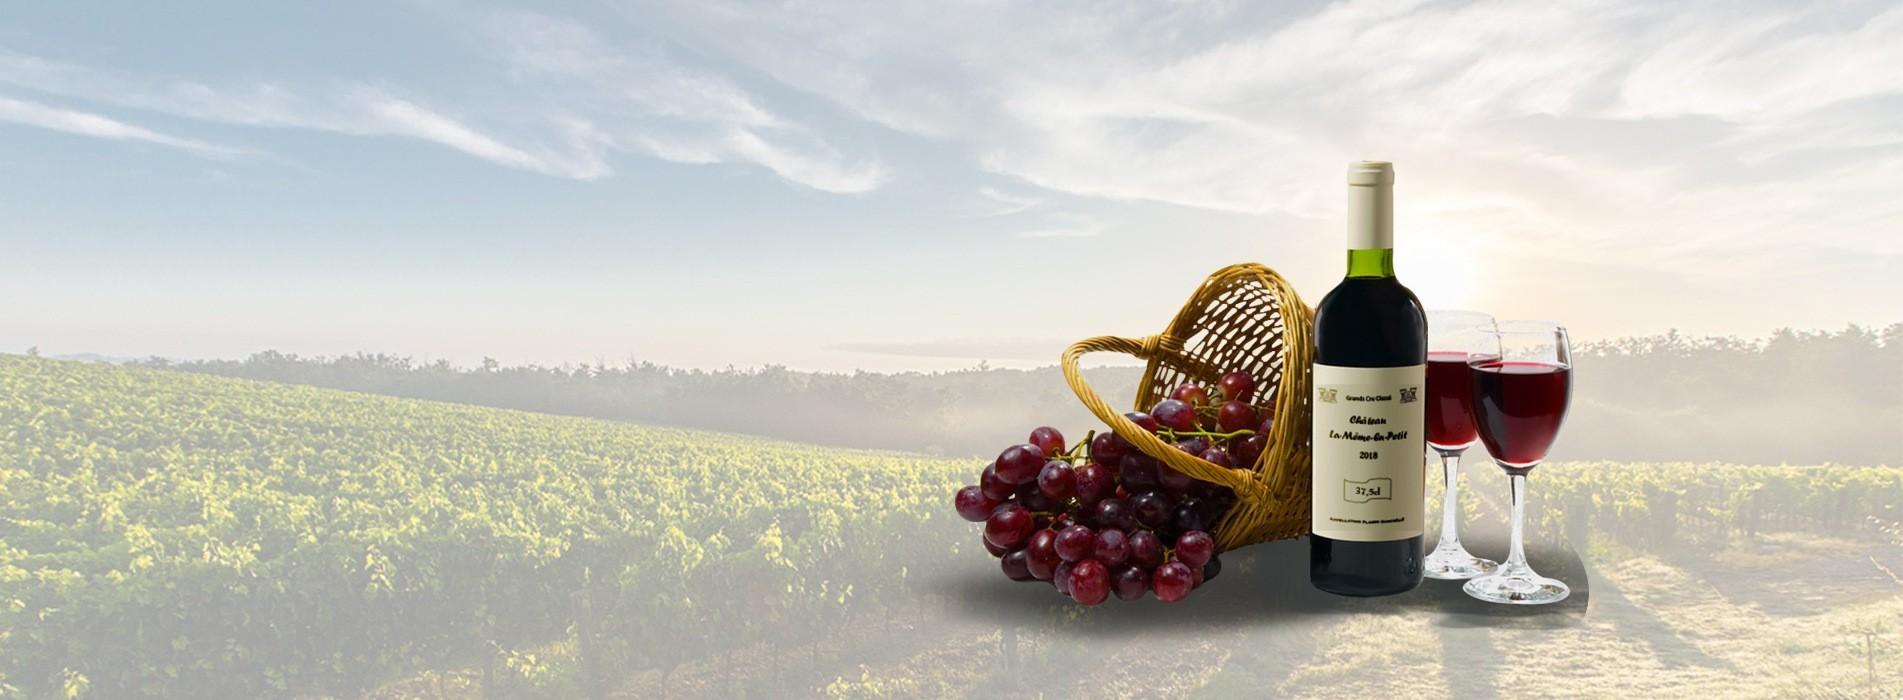 Vinademi, grands vins en demi-bouteille